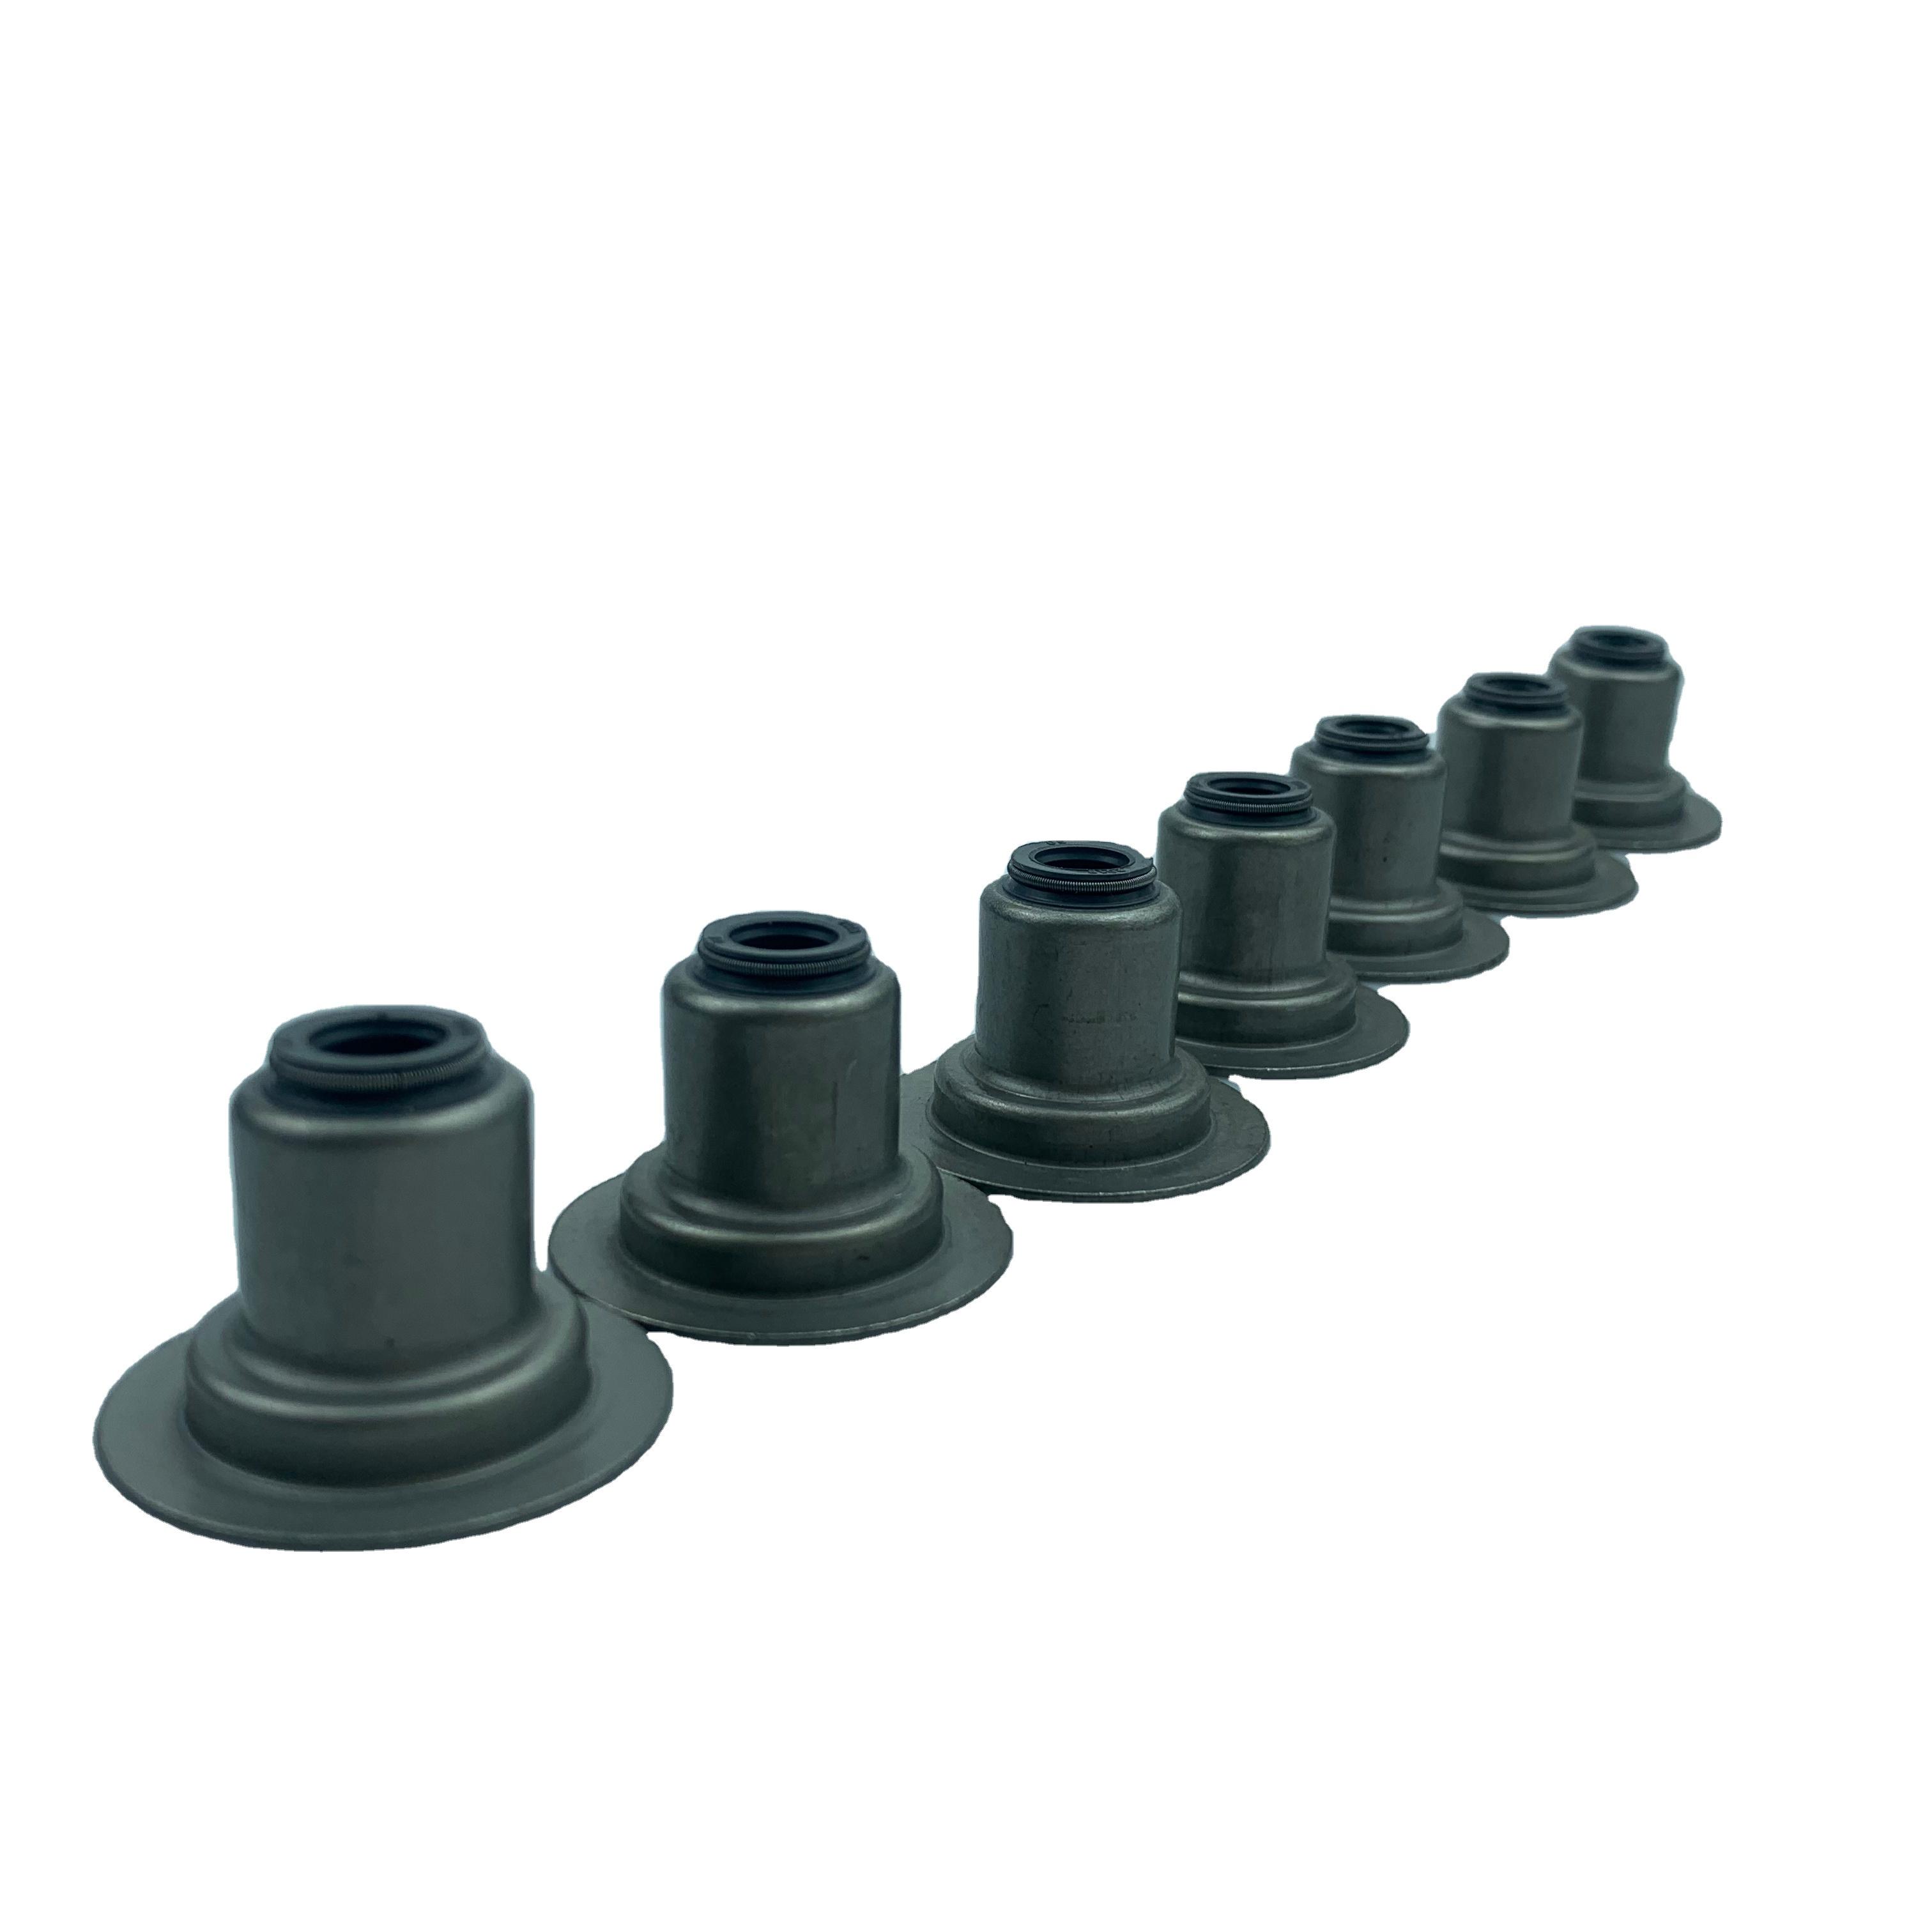 SNAK высококачественные масляные уплотнения, уплотнение стержня клапана, резиновая упаковка